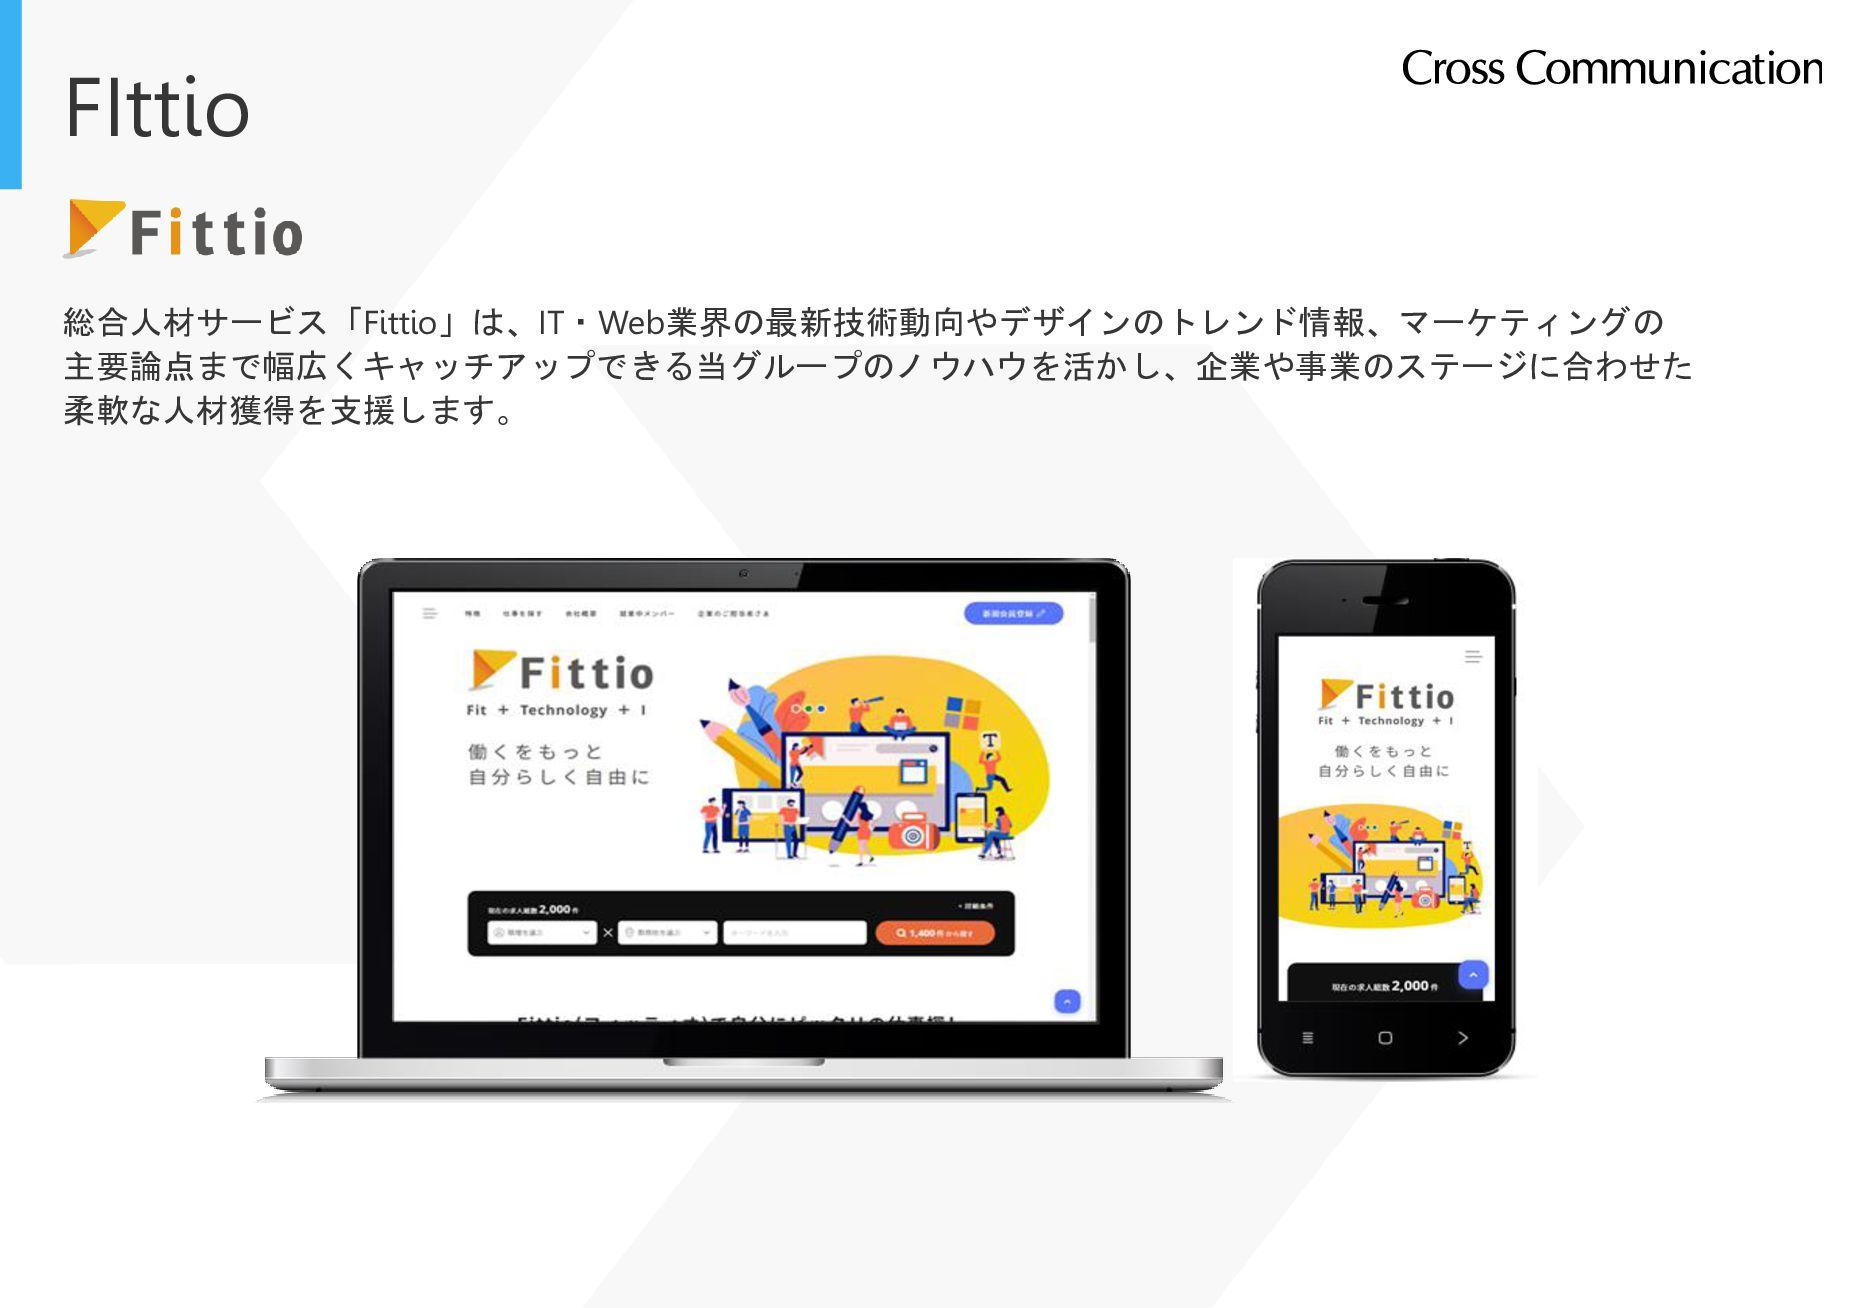 FIttio 総合人材サービス「Fittio」は、IT・Web業界の最新技術動向やデザインのト...